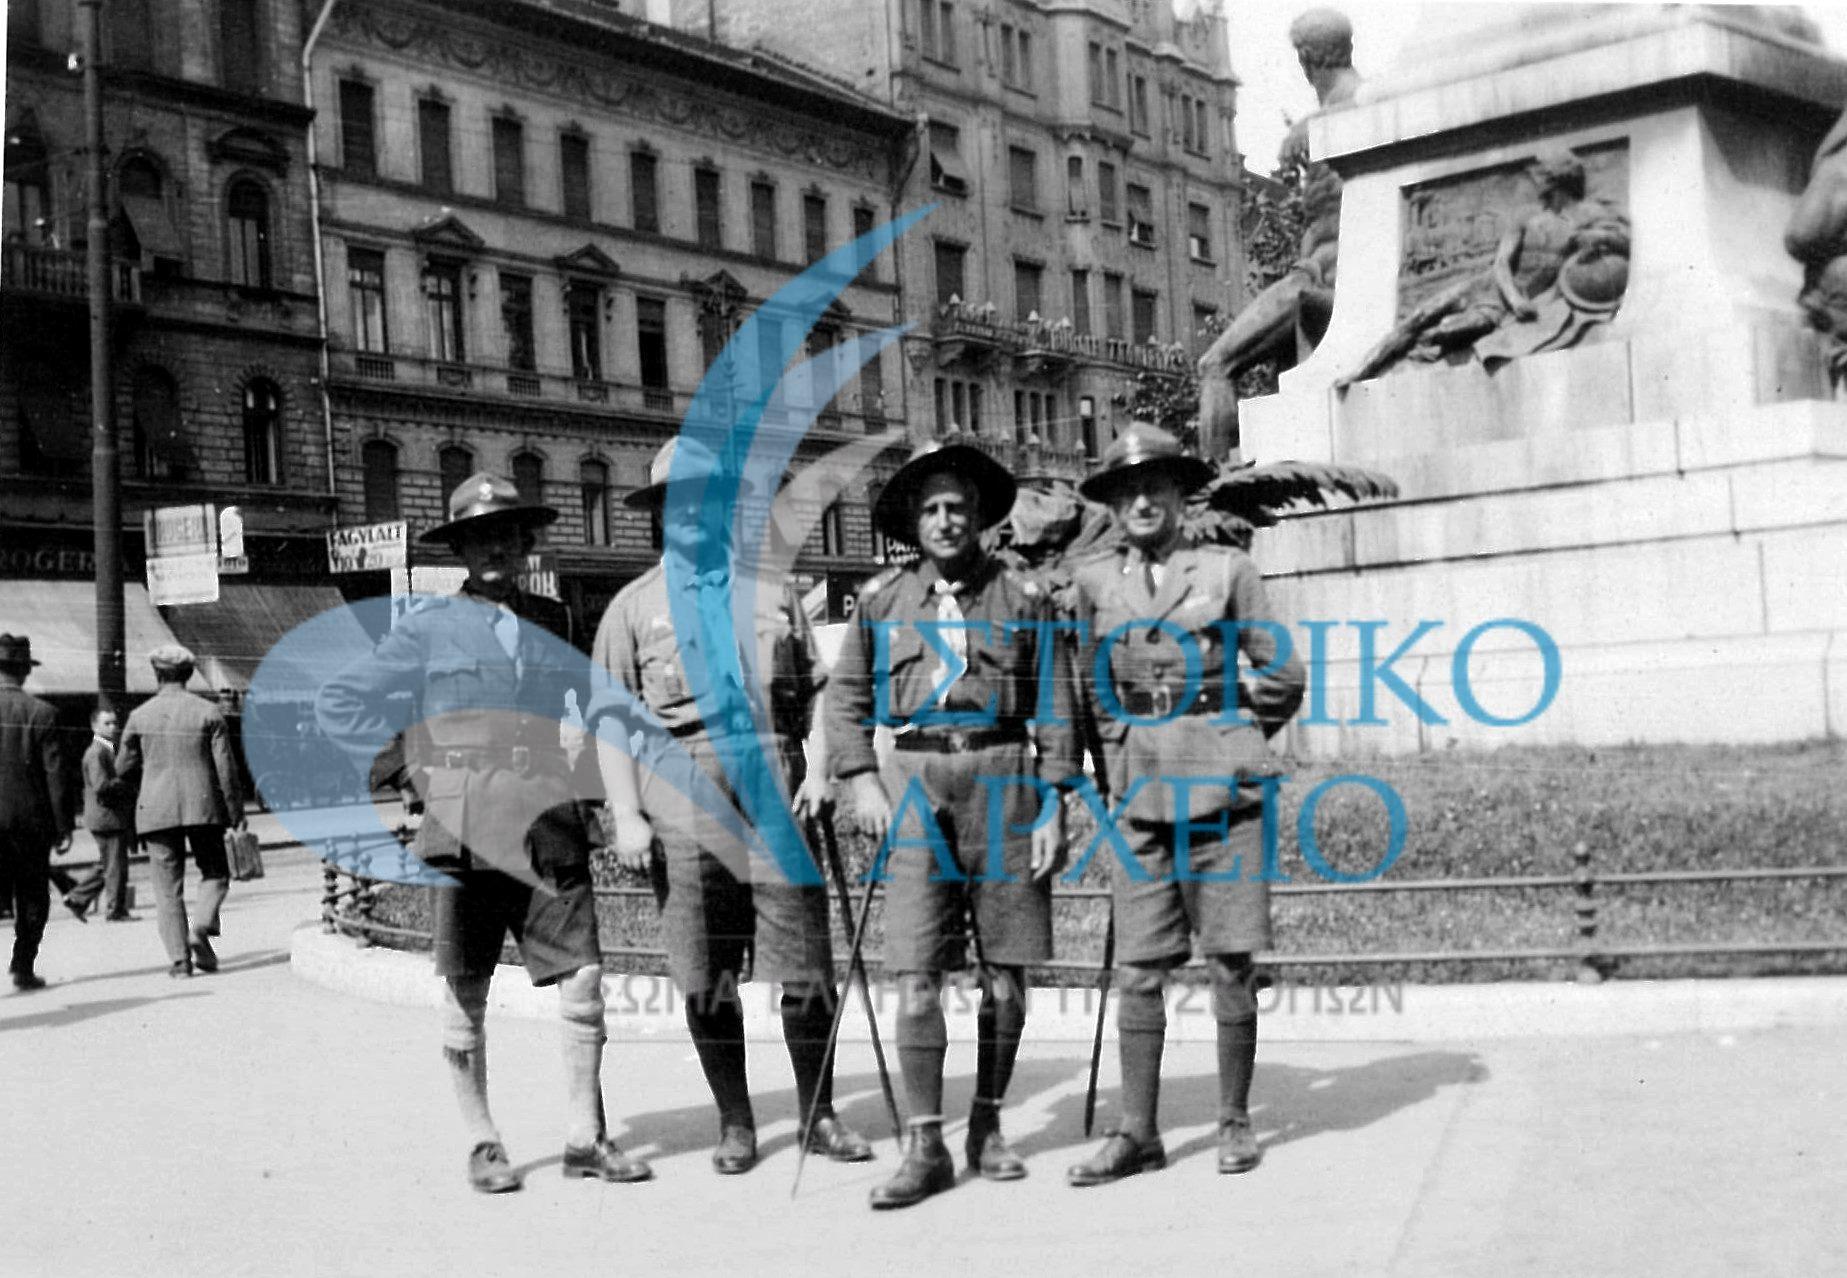 Φωτογραφίες από το 5ο Παγκόσμιο Προσκοπικό Τζάμπορη της Ουγγαρίας το 1933.